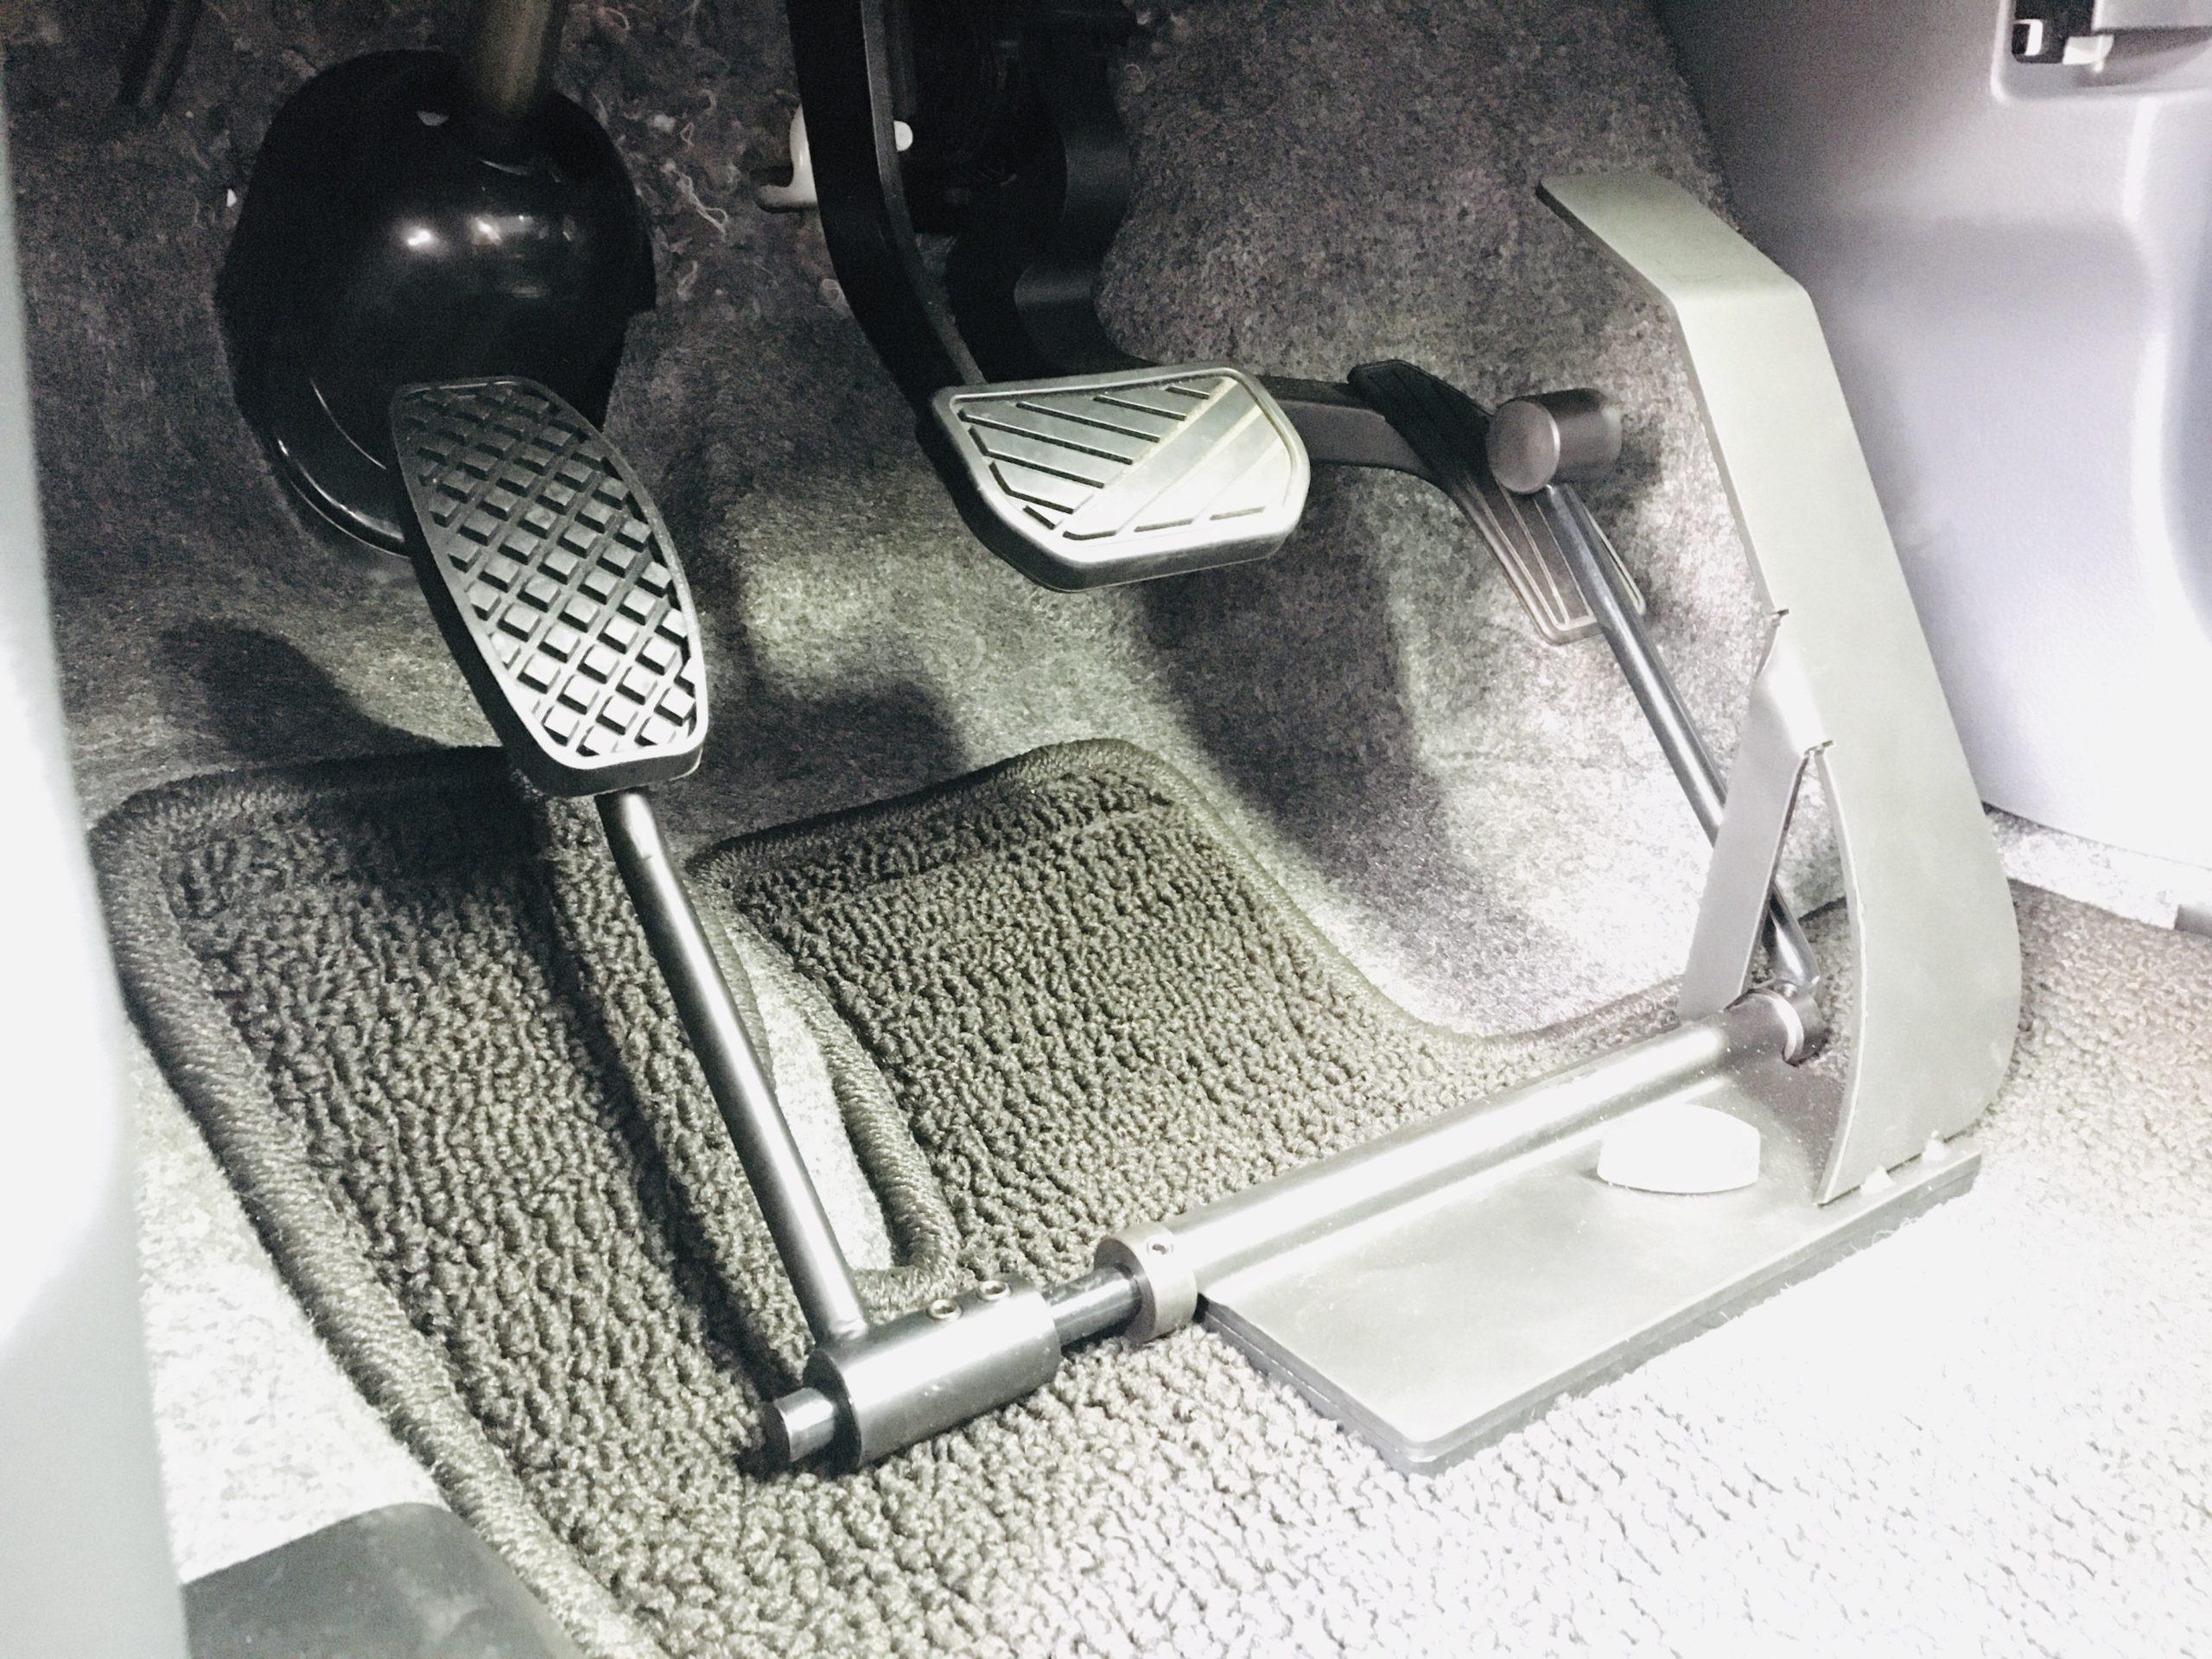 福祉車両改造 スズキハスラー 左足アクセル 福祉車両への改造 ⑥